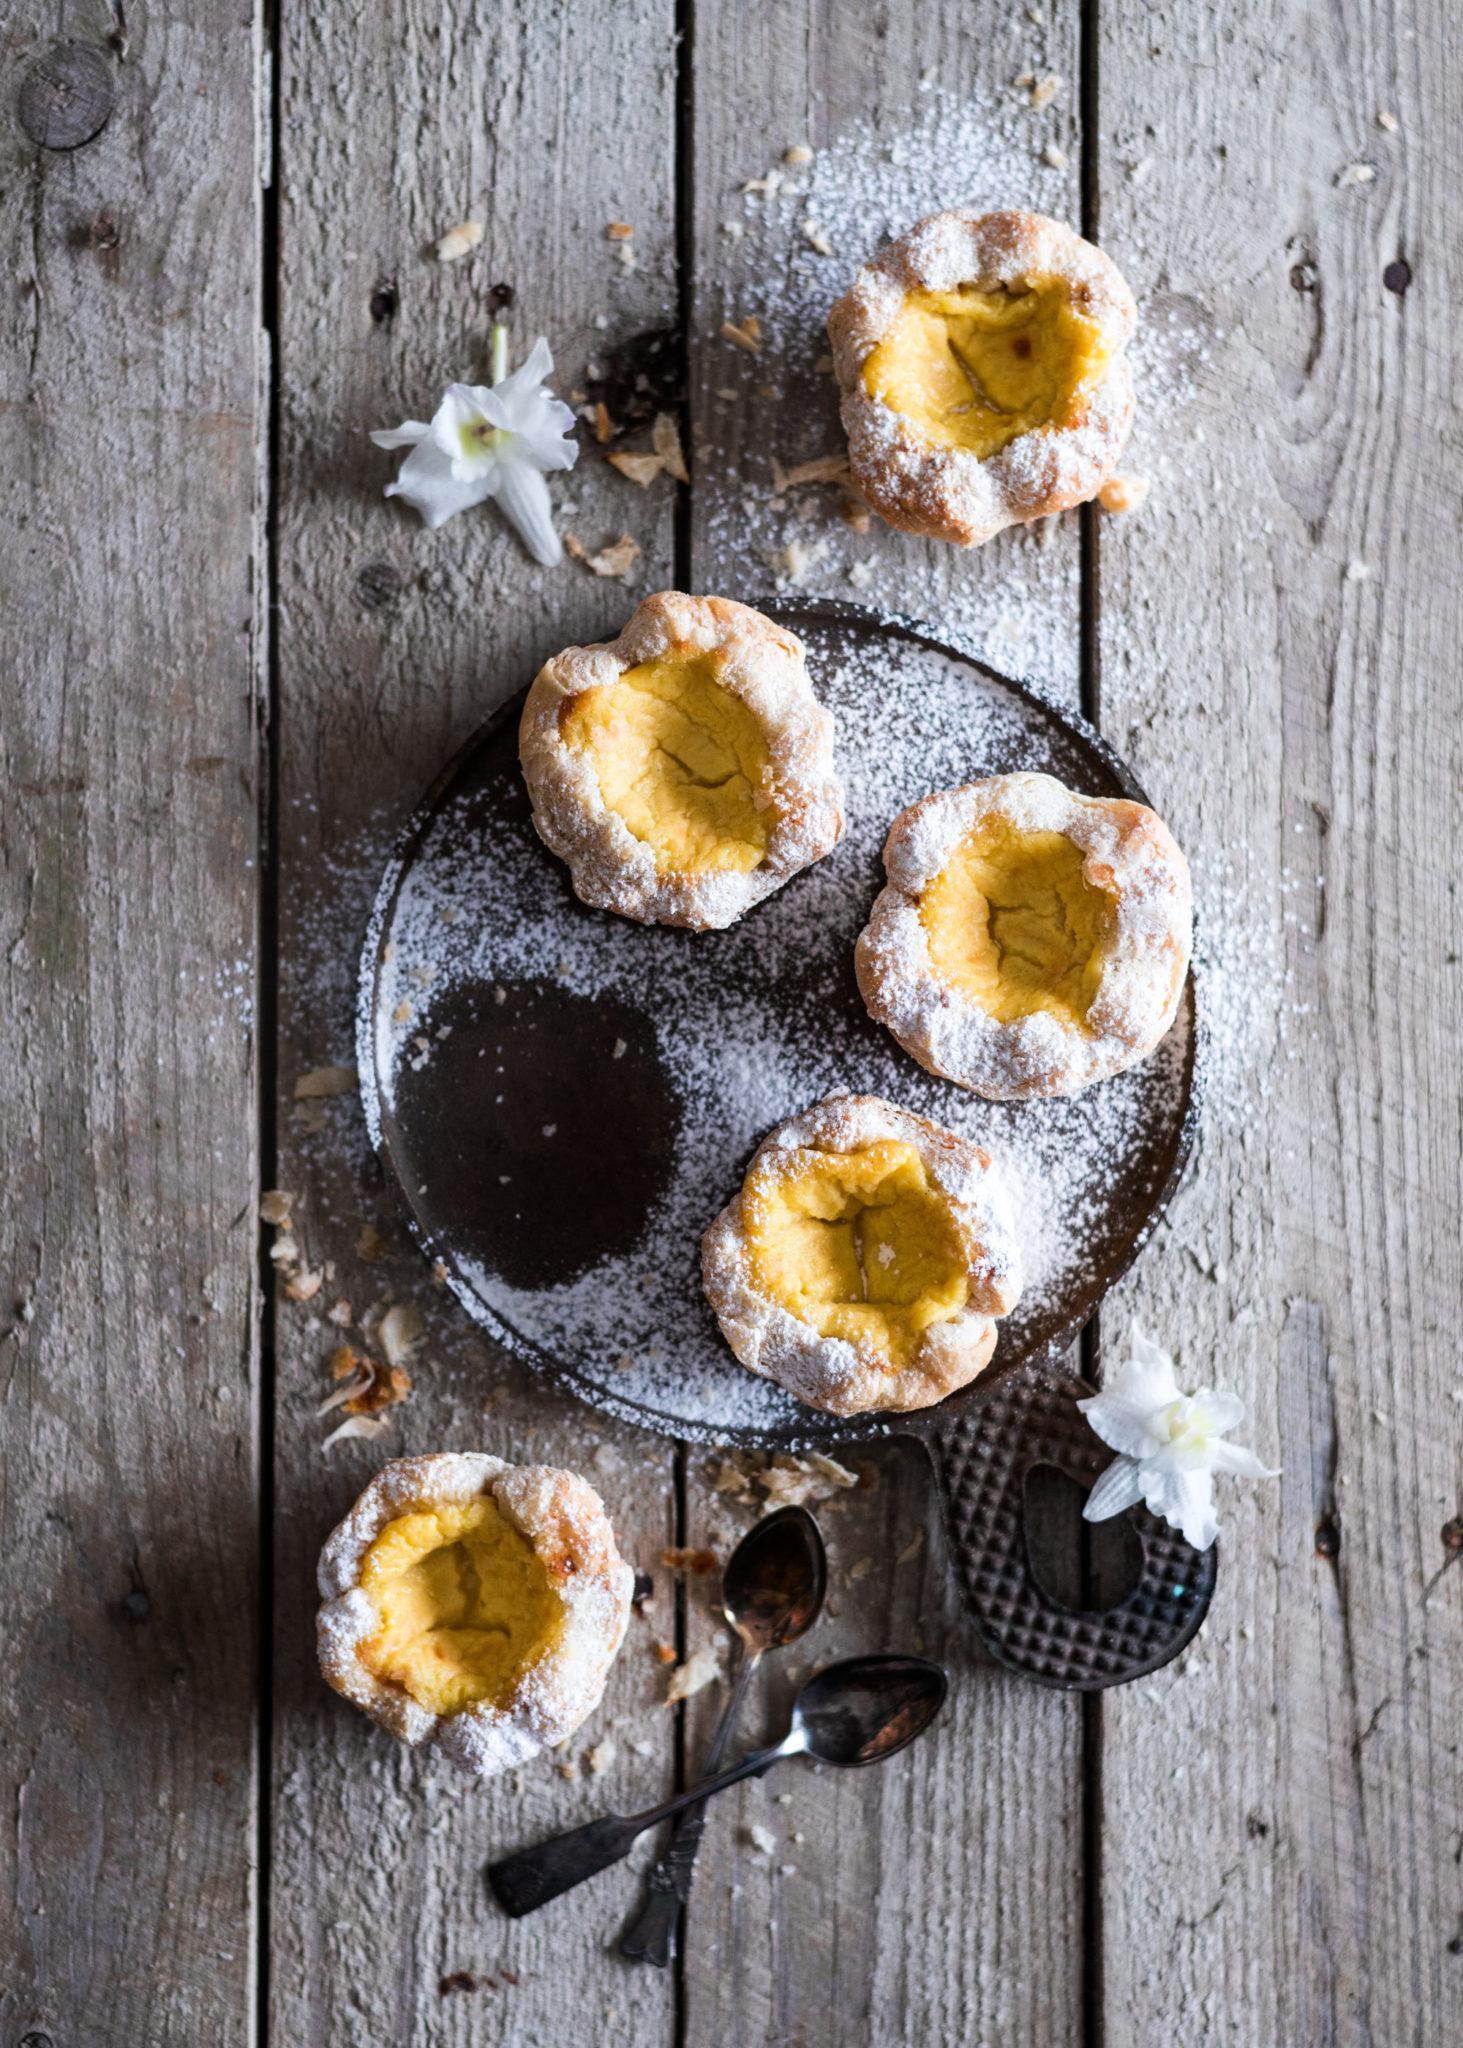 Kermaleivokset – Pastéis de nata